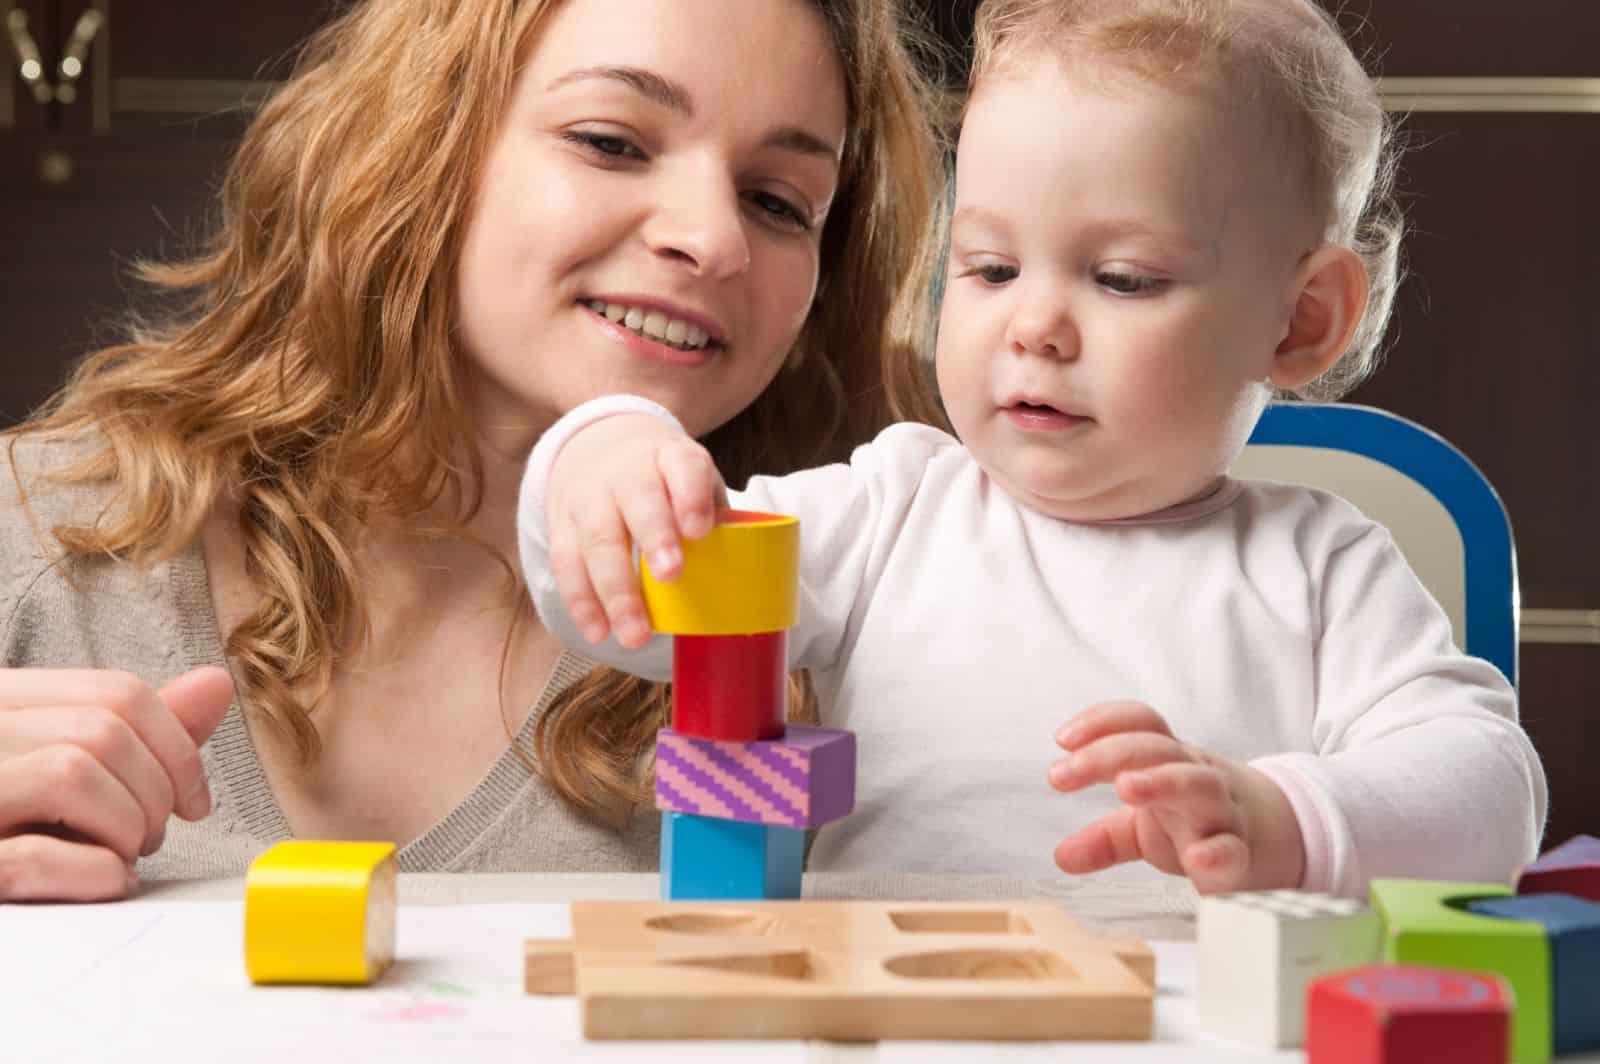 Не начислен вычет на детей как должны и в какие сроки